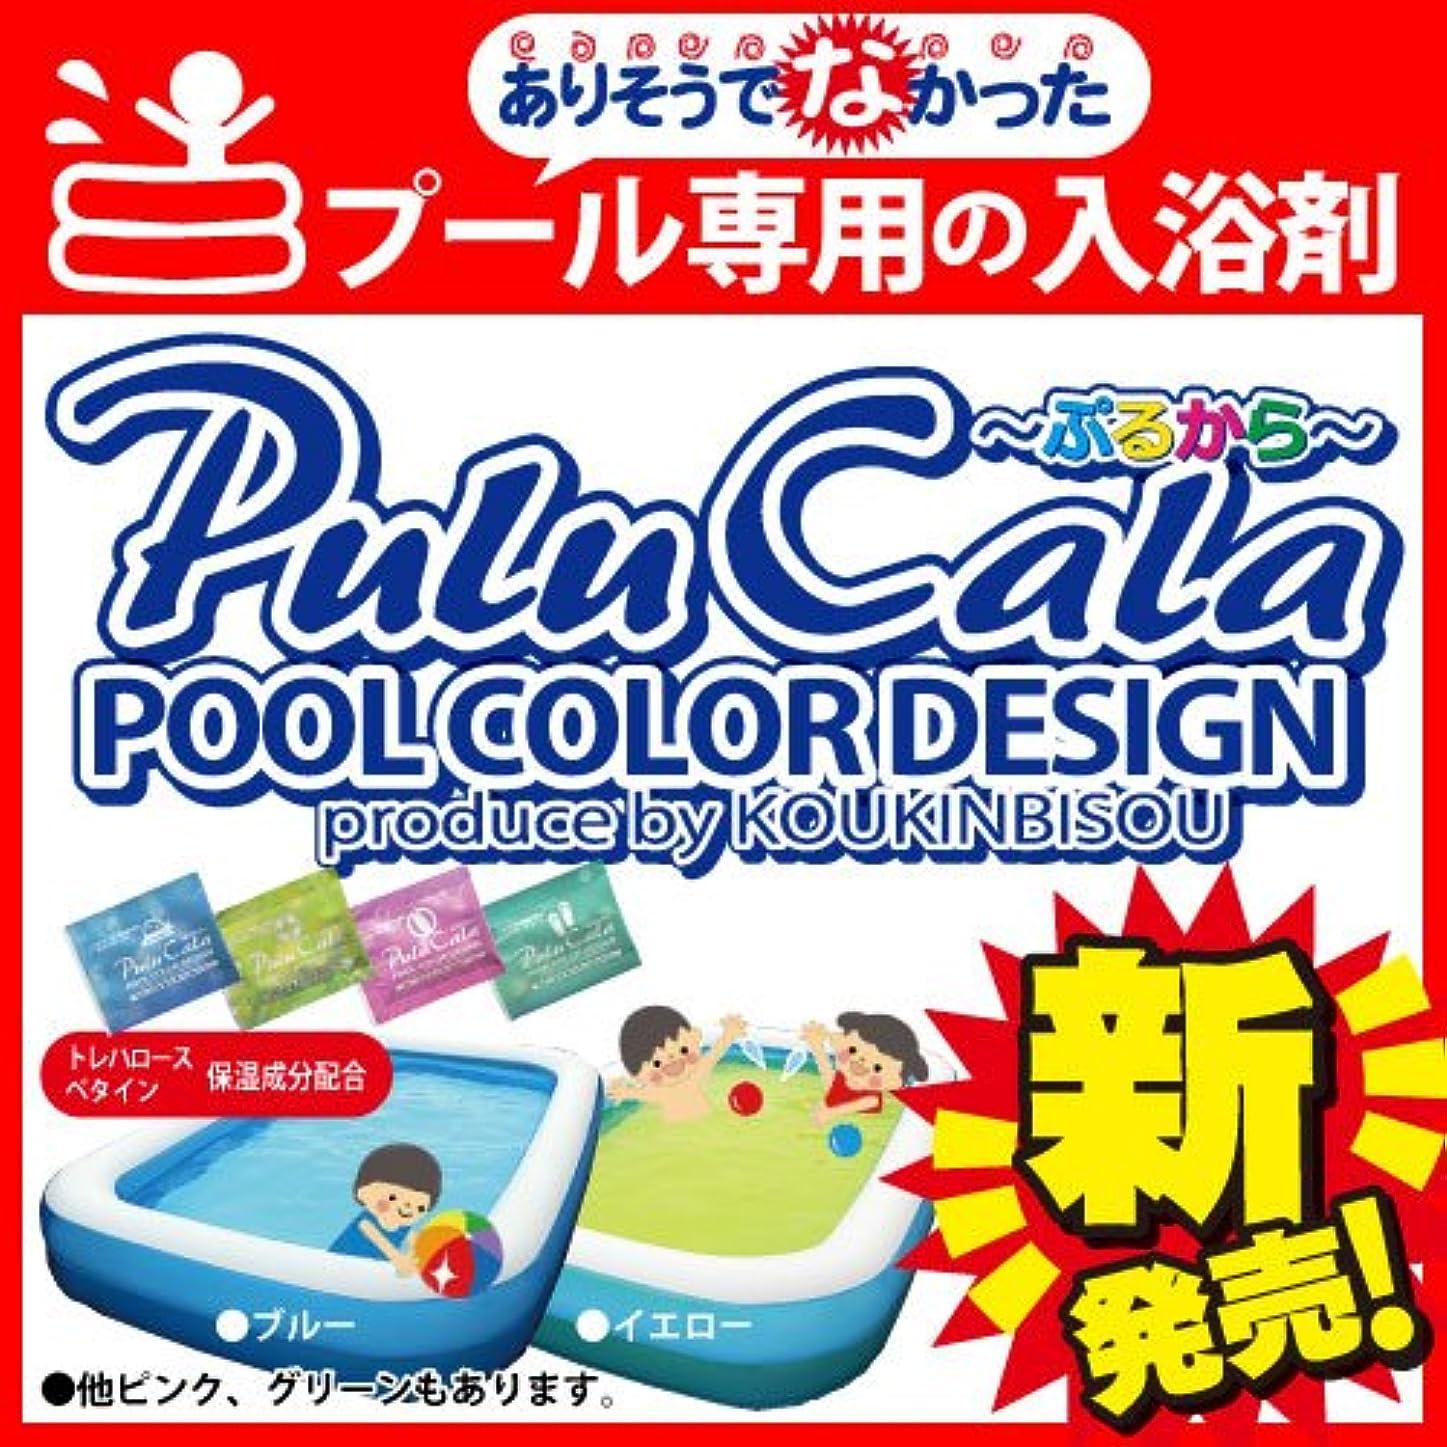 エッセイ明らかにはっきりと【プール専用入浴剤】ぷるから ピンク10回分セット(25g×10) 目や口に入っても大丈夫!